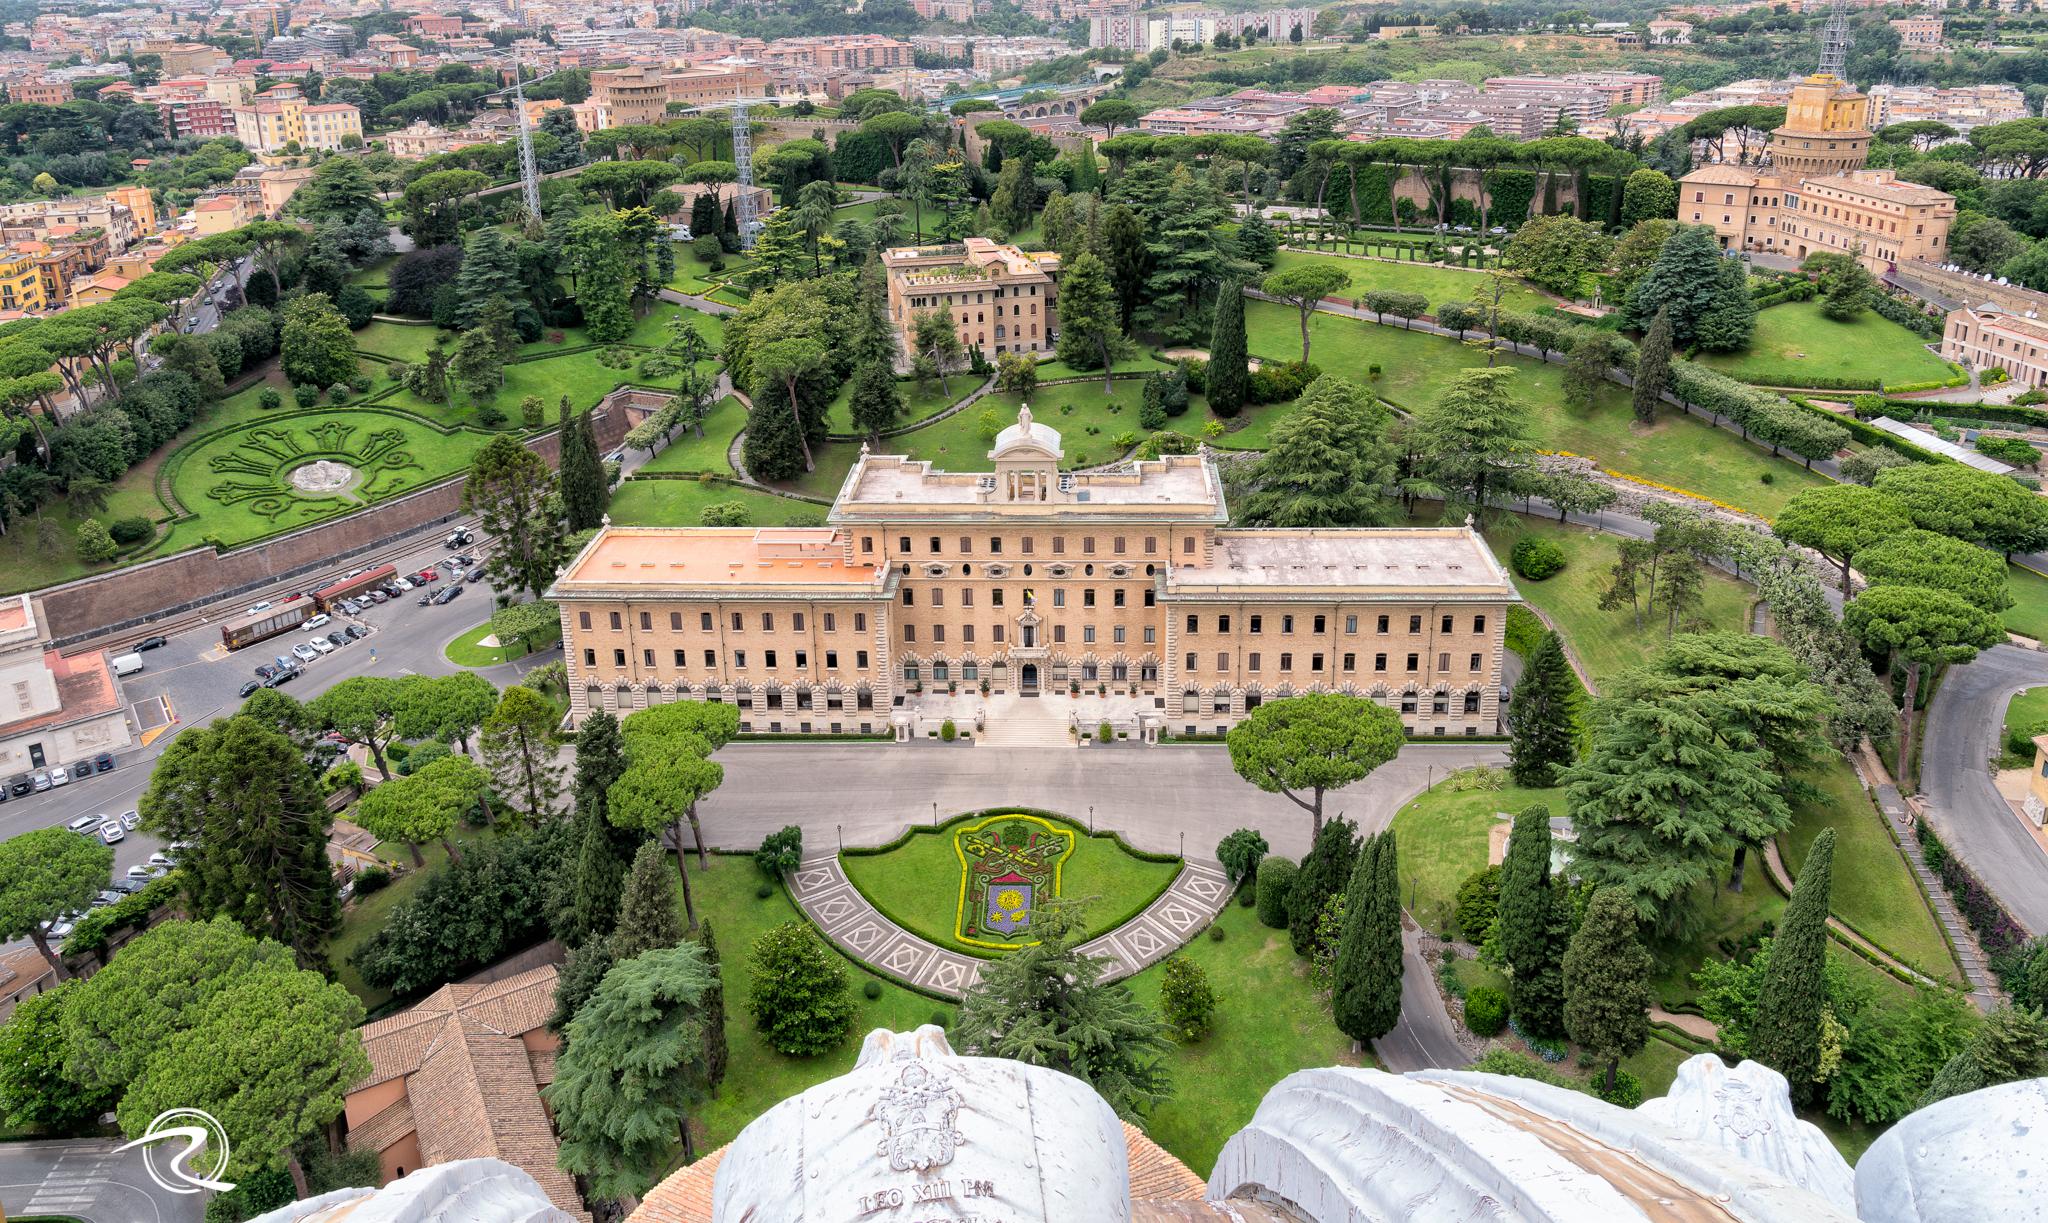 Vatican City & Garden